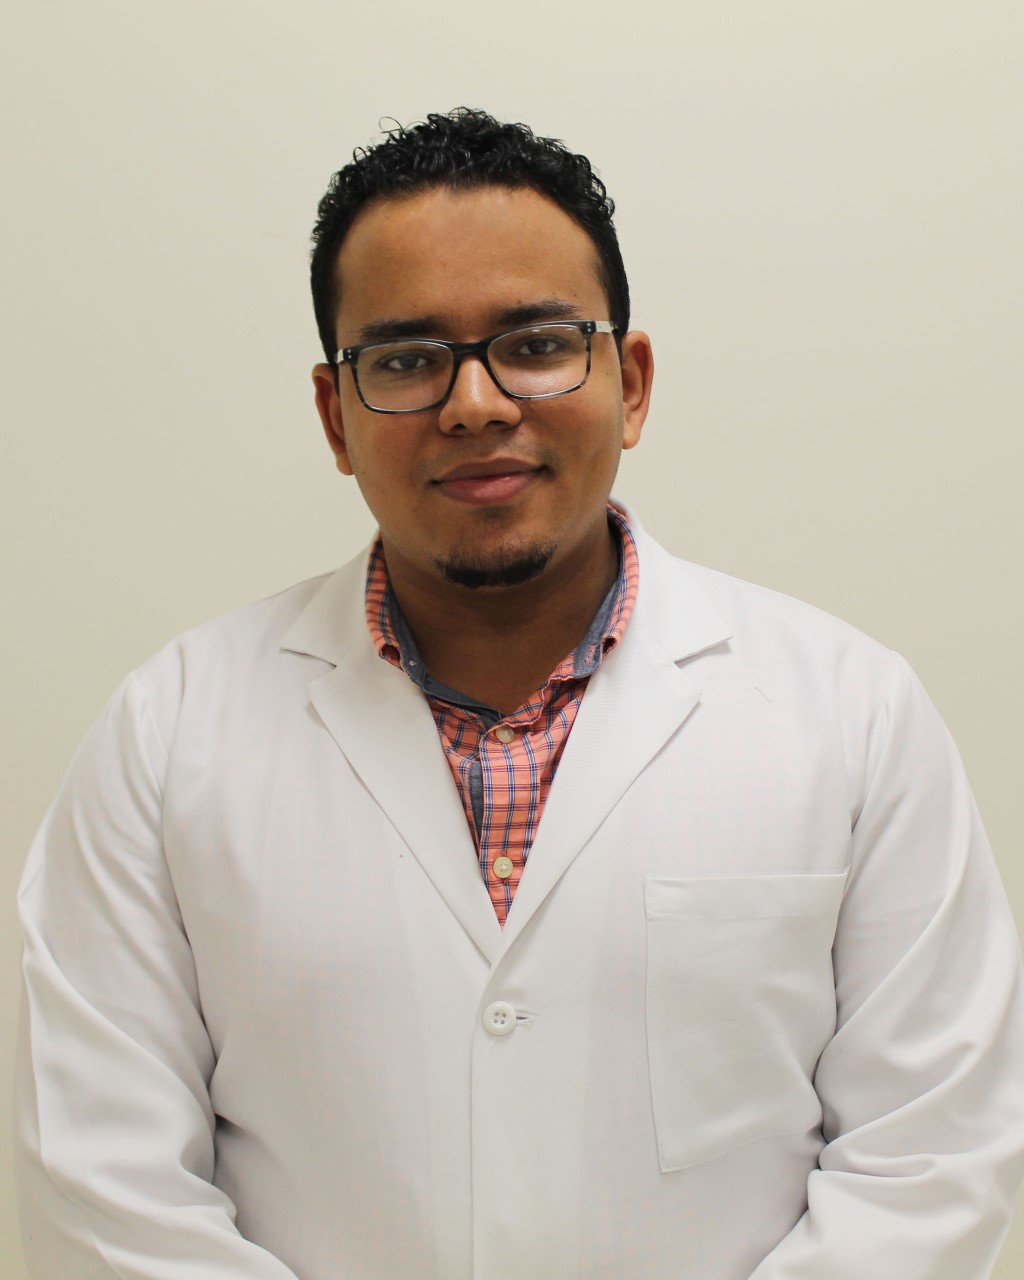 Médico dominicano gana concurso para realizar subespecialidad en hospital de New York